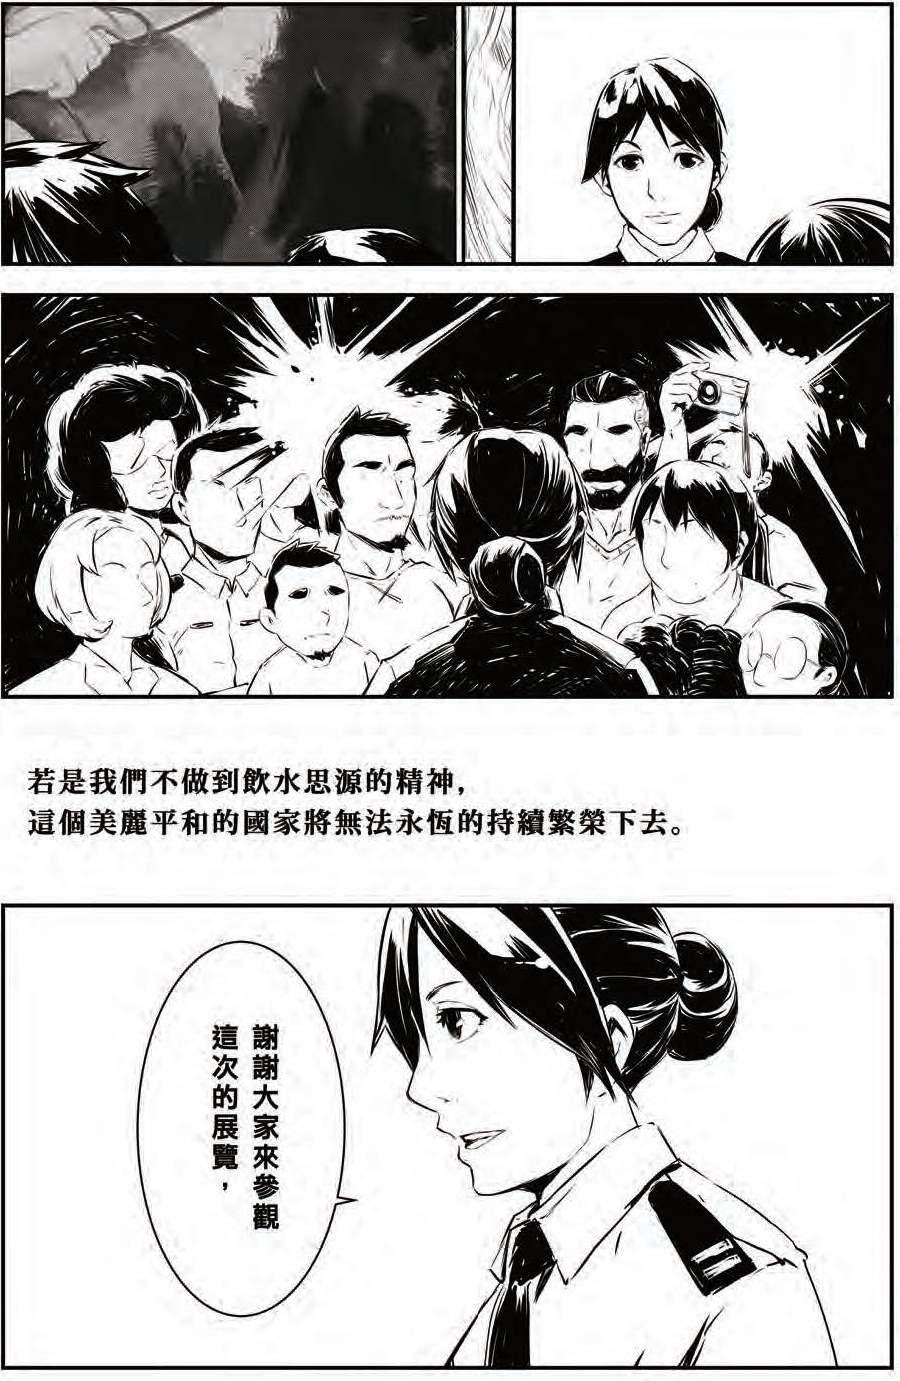 51屆漫畫項國軍組優選_那些留下來的故事11.jpg